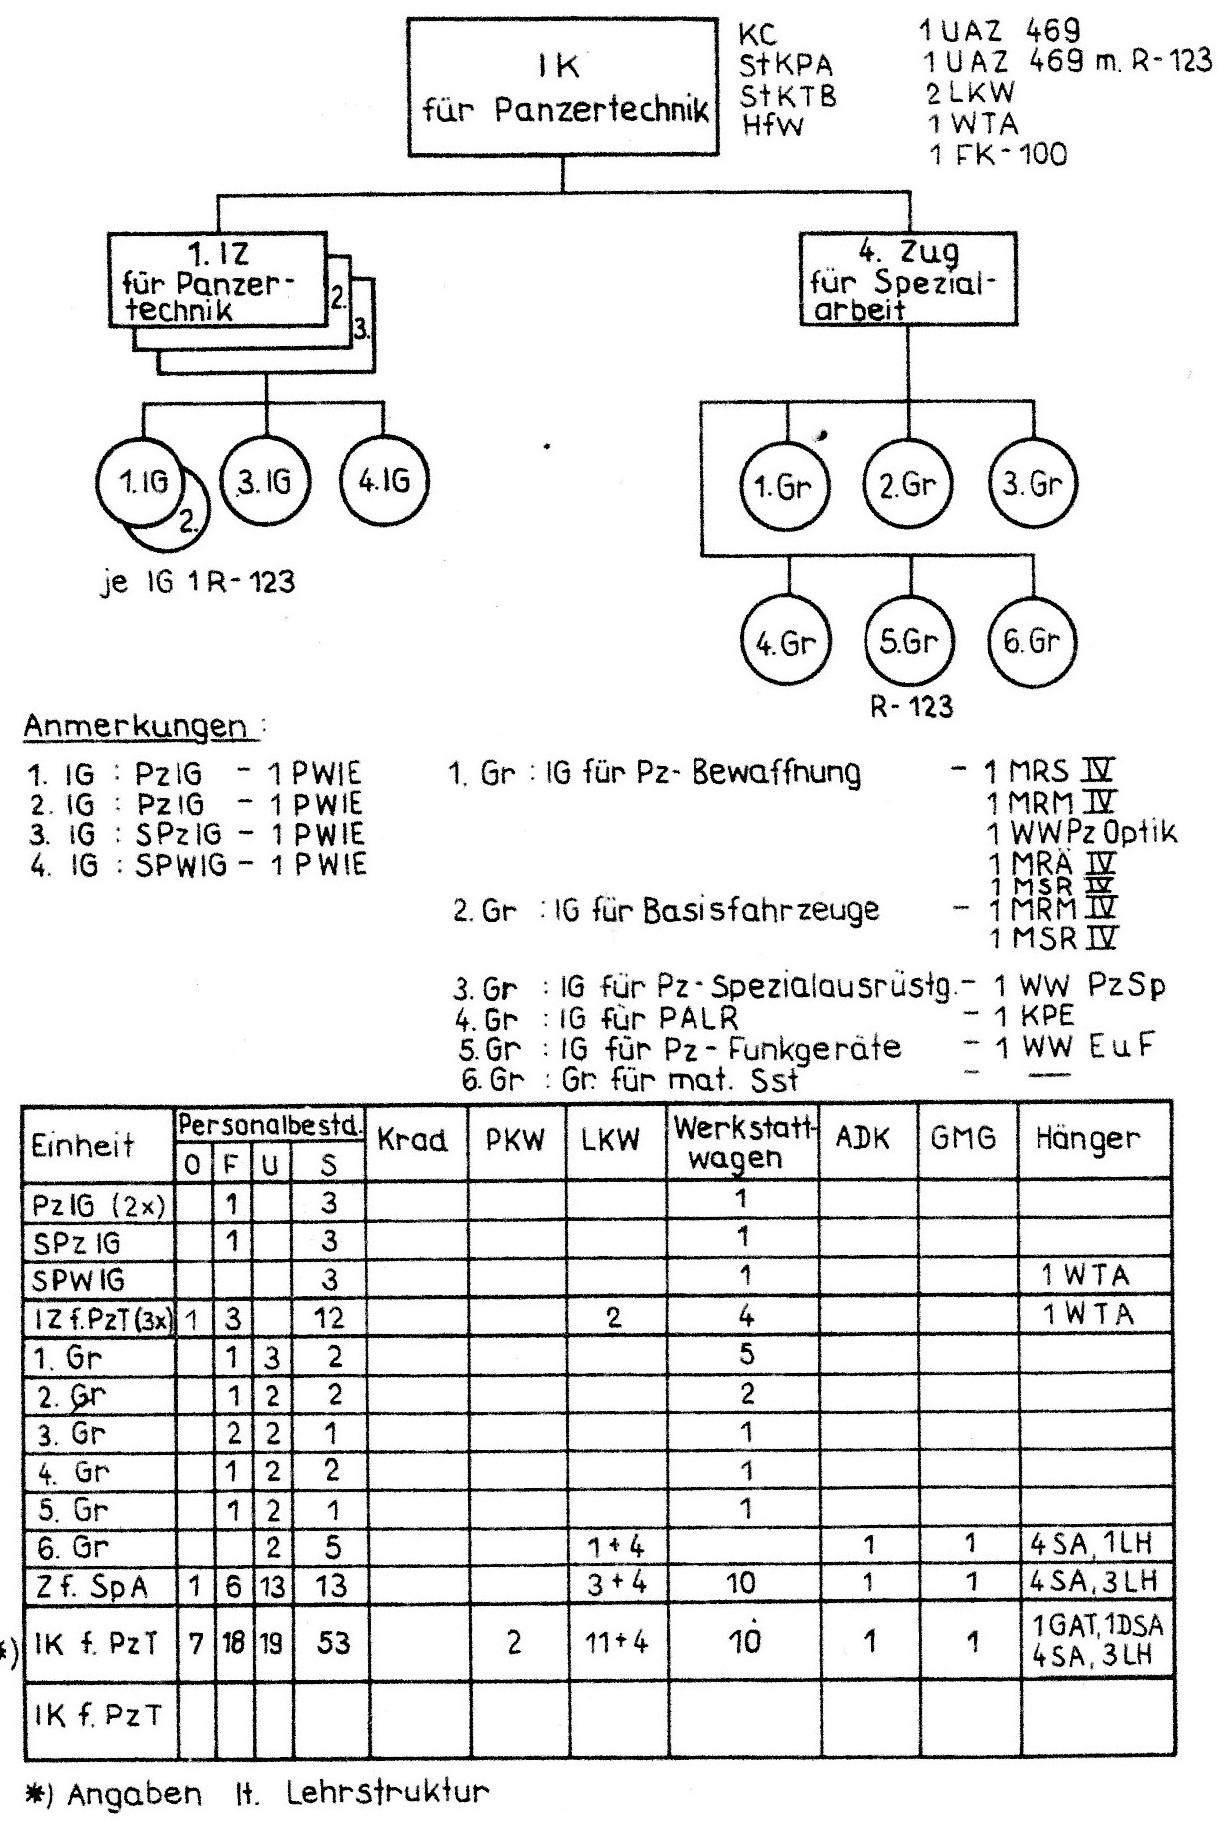 1.a Inst.Kompanie für Panzertechnik